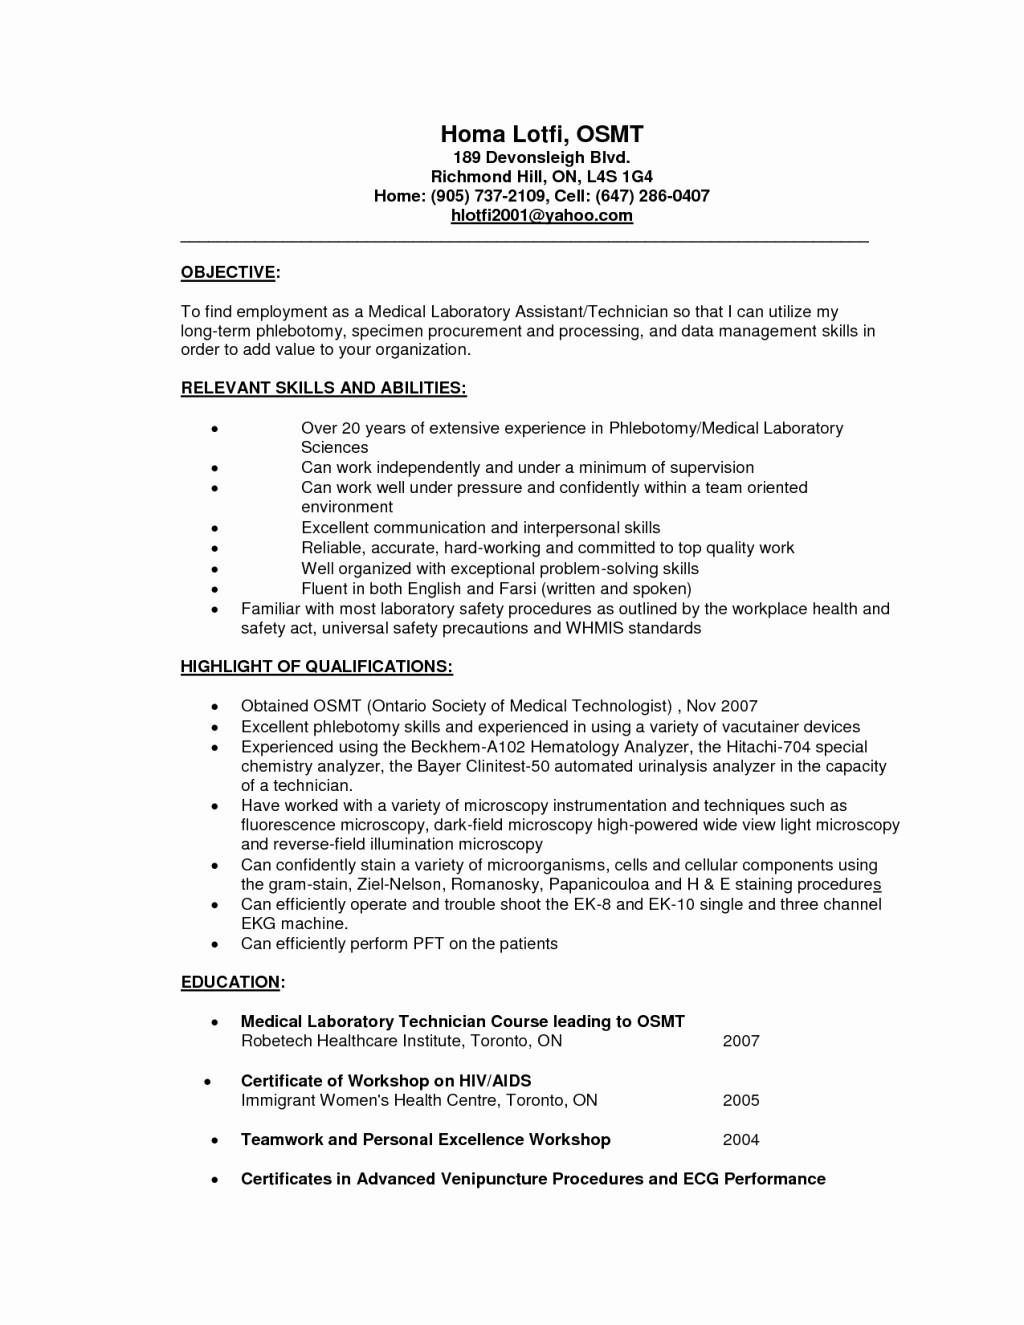 sample resume for medical technologist fresh graduate